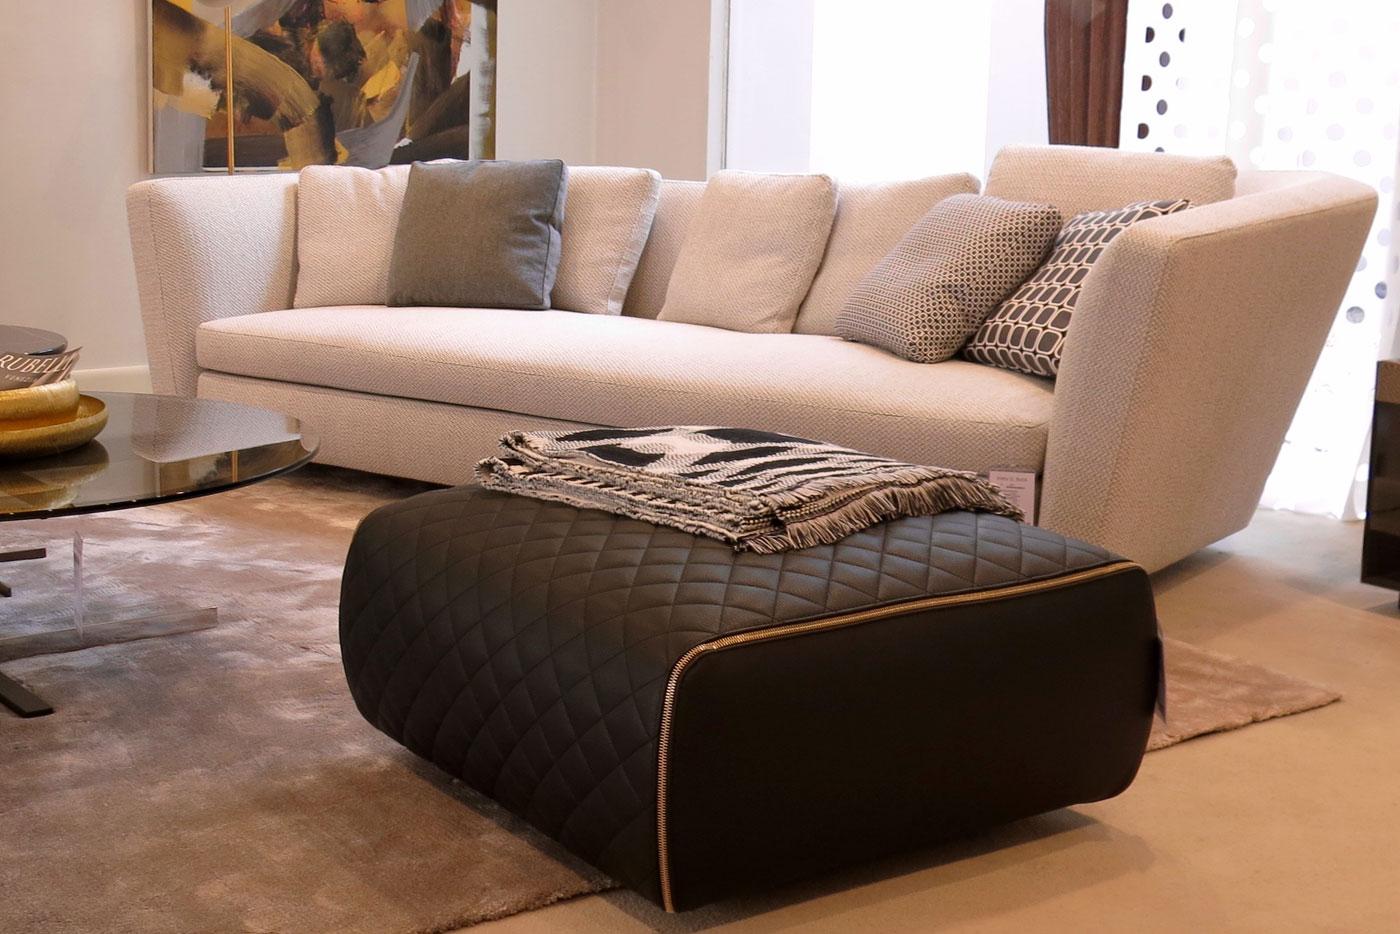 exklusive sofas und wohnlandschaften bei hans g bock. Black Bedroom Furniture Sets. Home Design Ideas